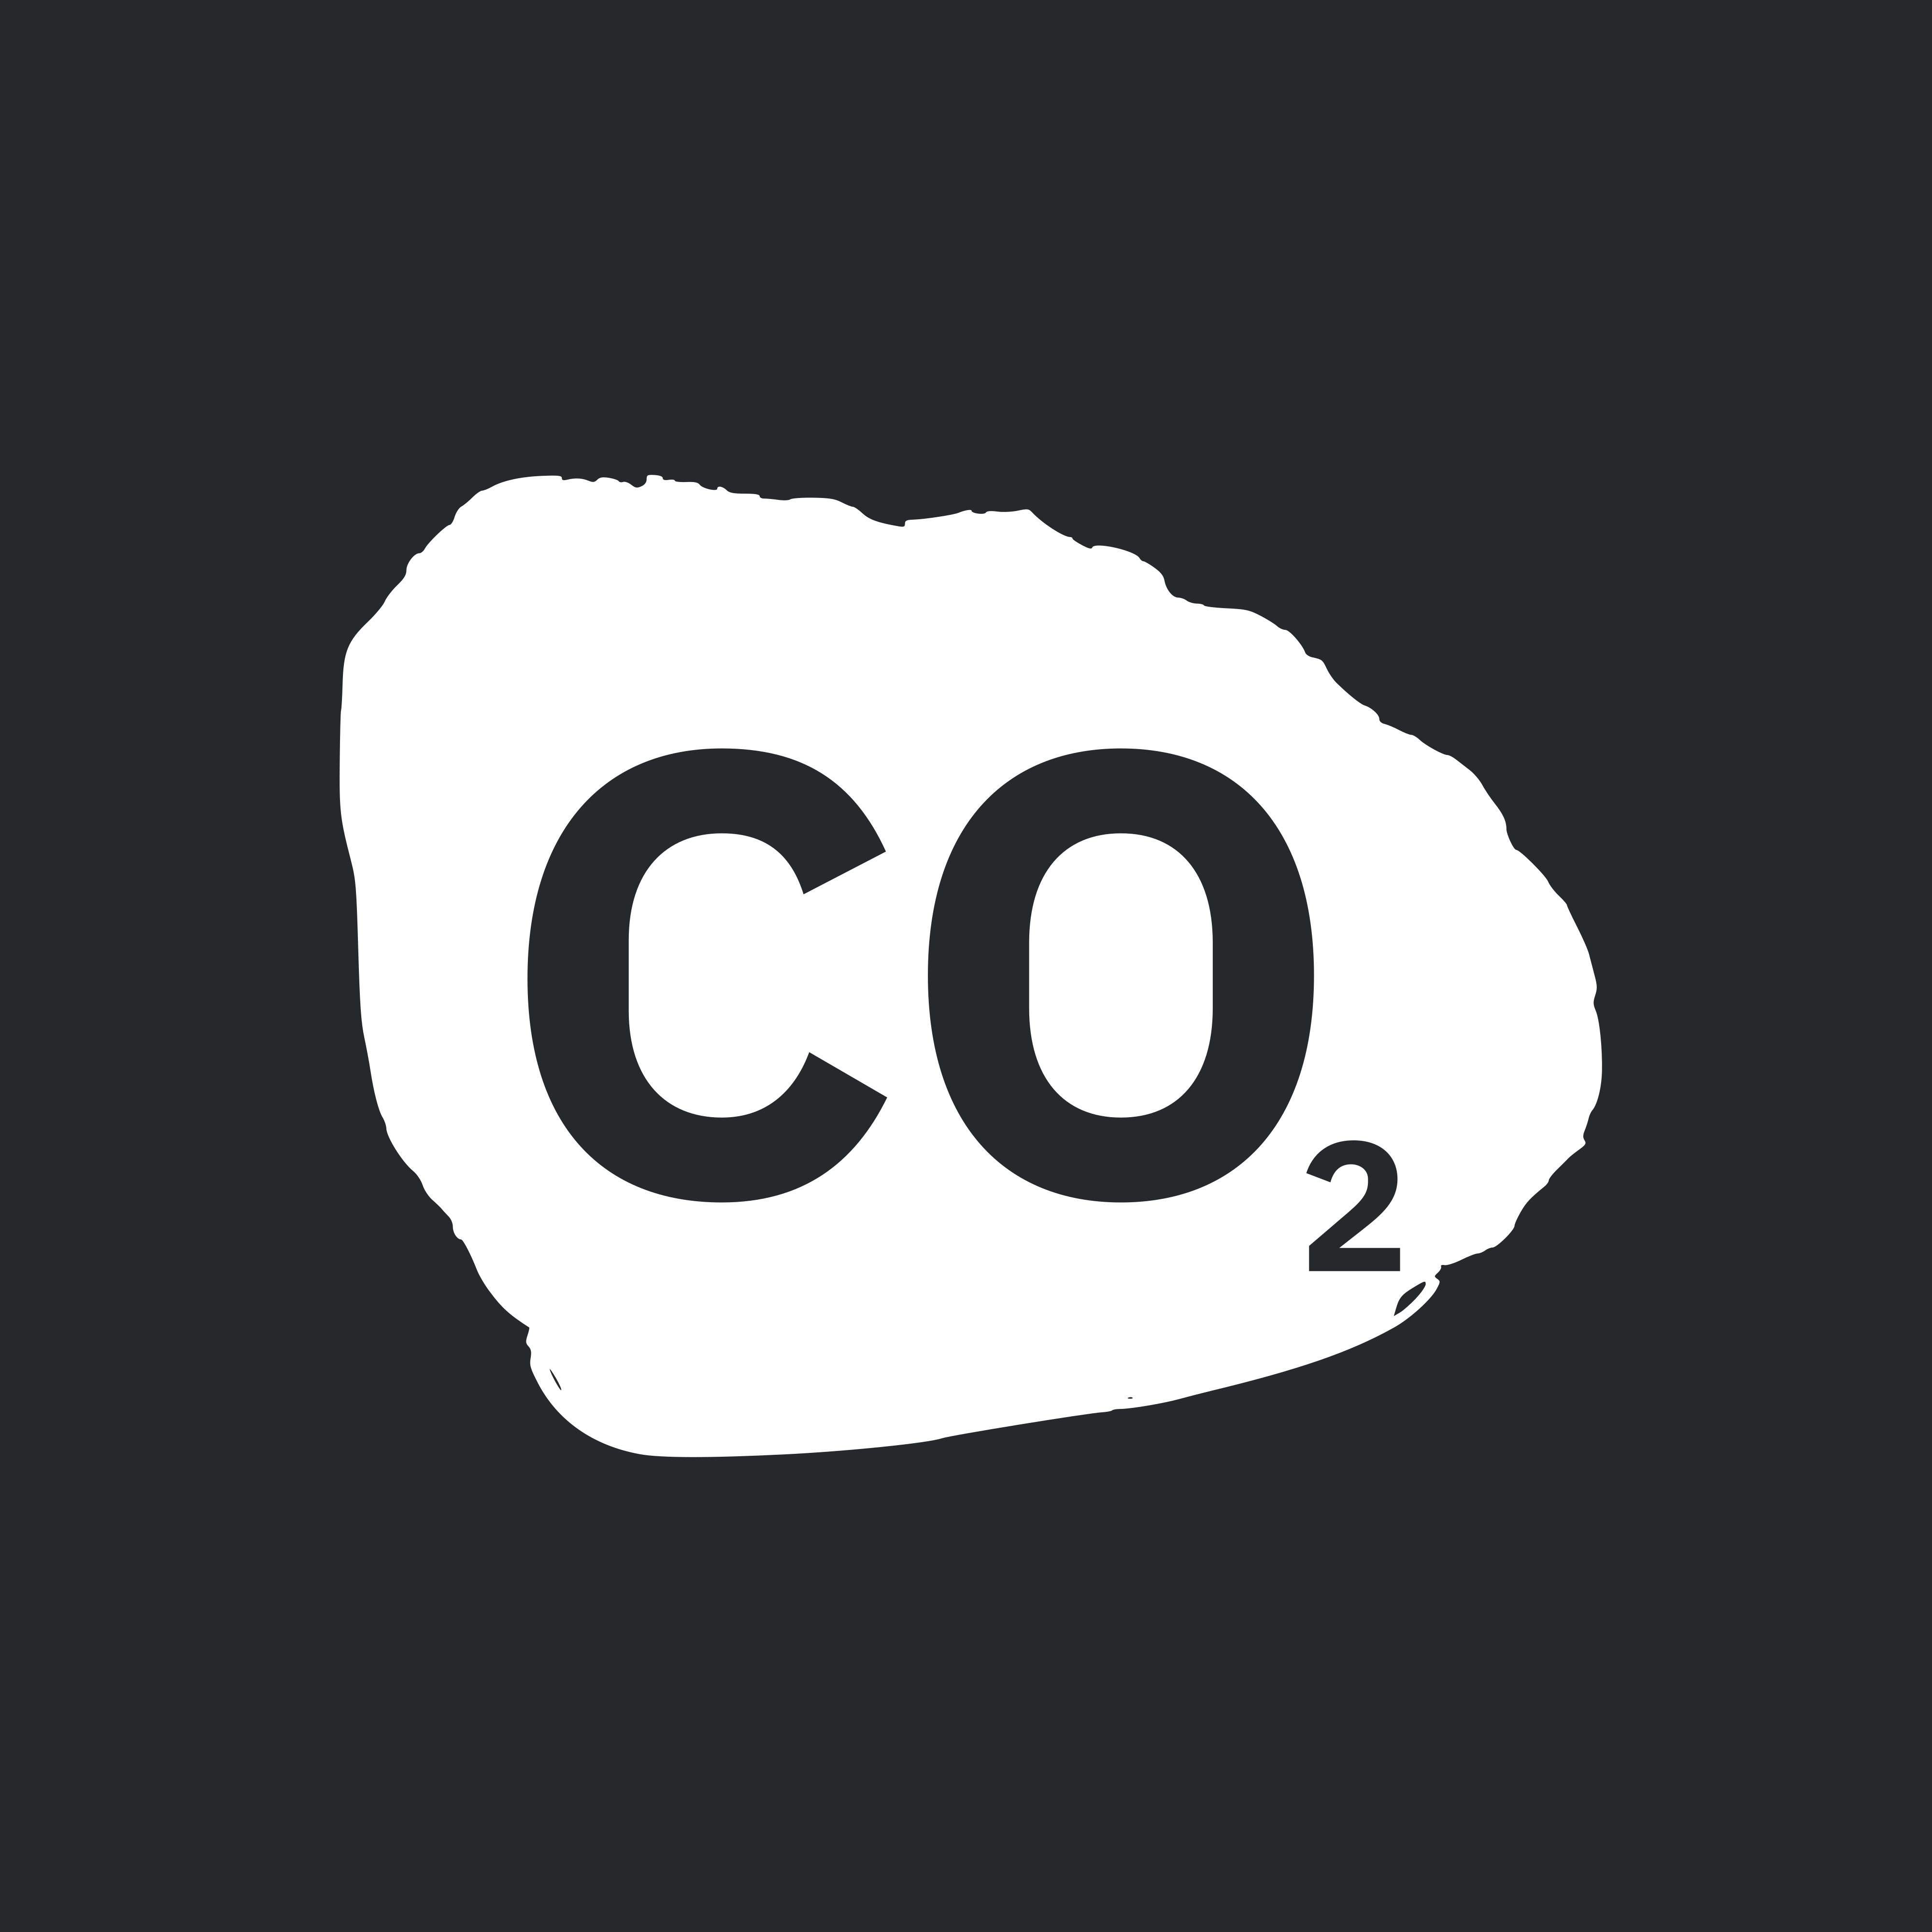 Carbon Tab